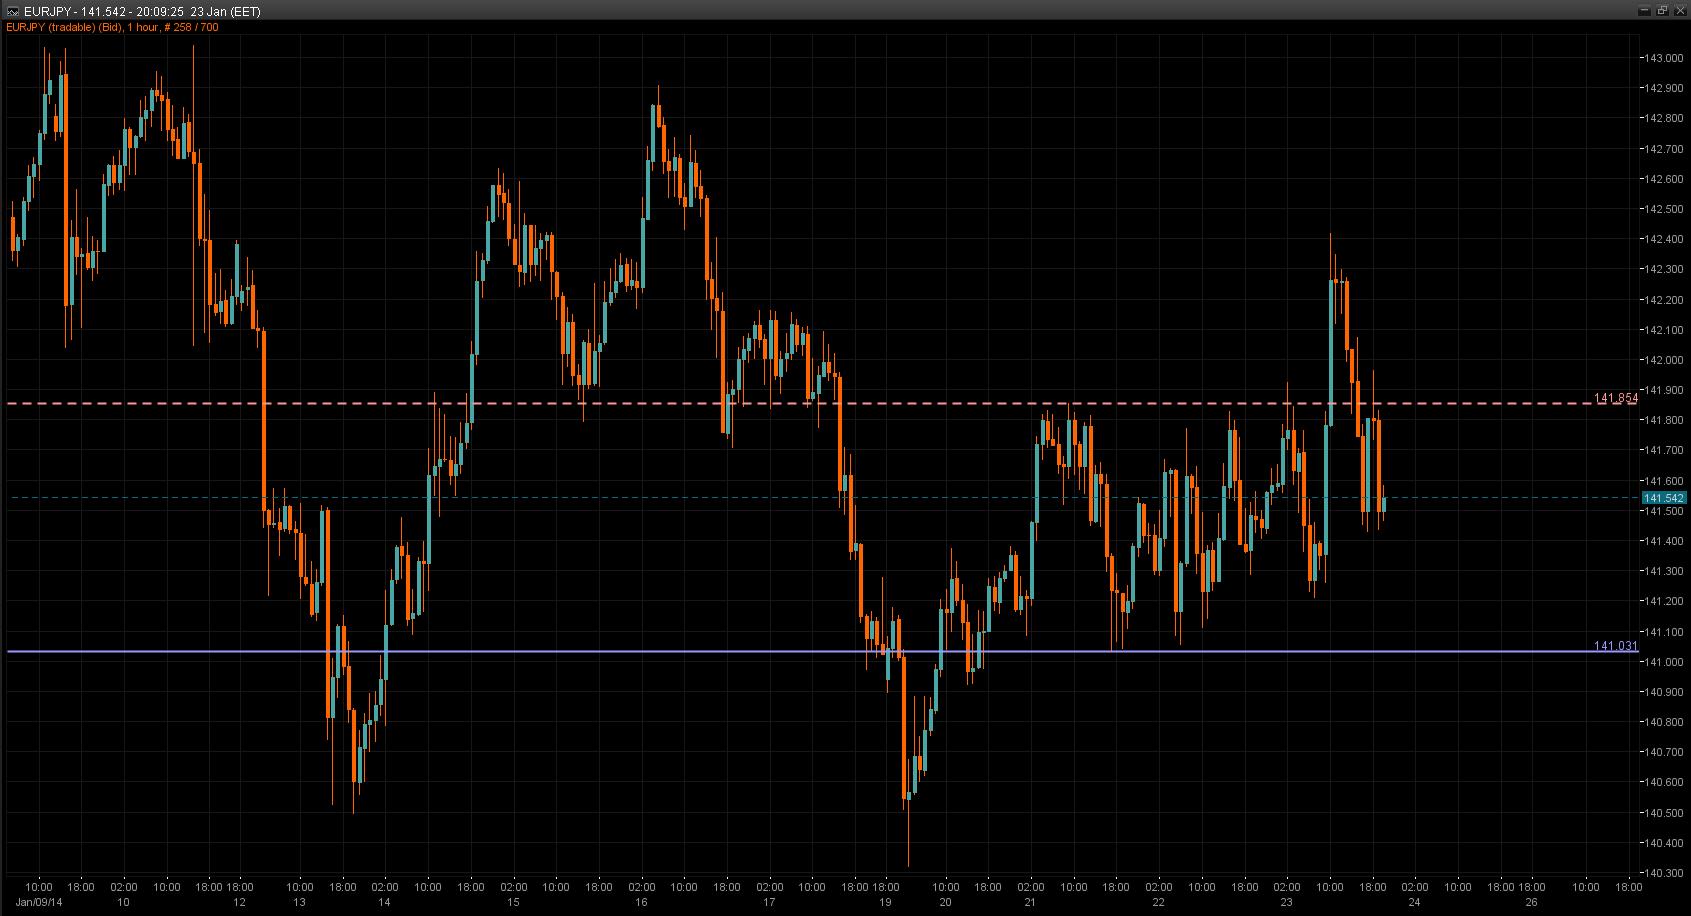 EUR/JPY Chart 23 Jan 2014